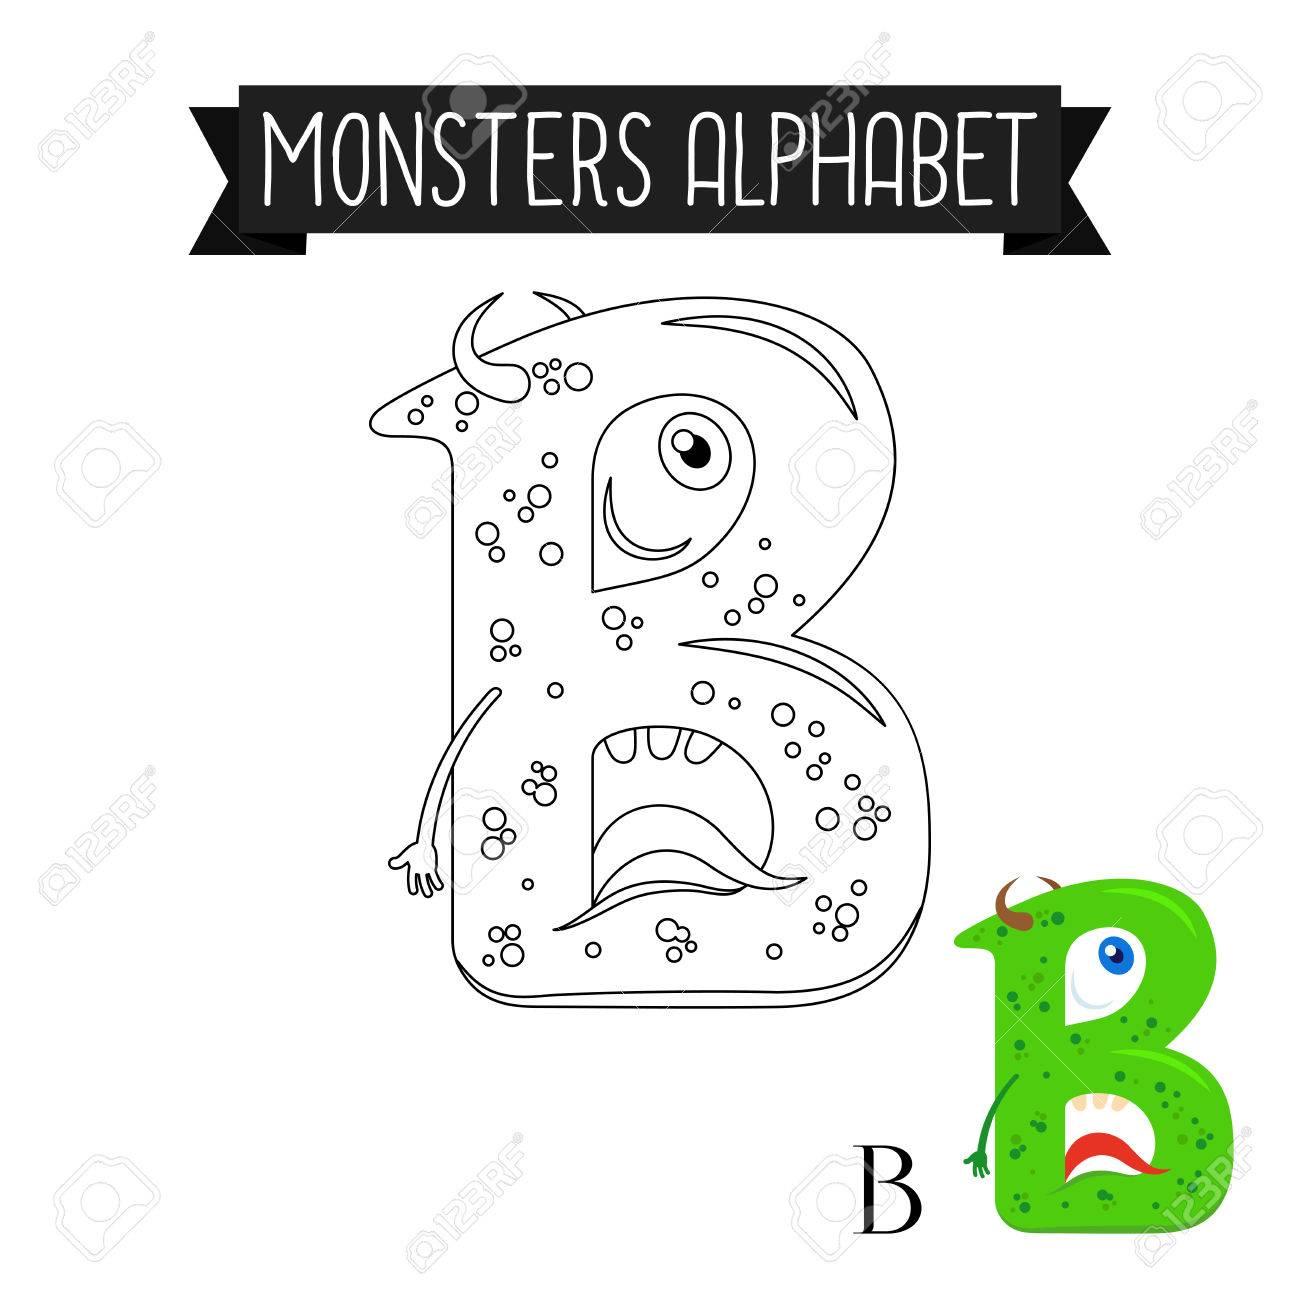 Malvorlage Monster Für Kinder Alphabet. Buchstabe B Vektor-Abbildung ...